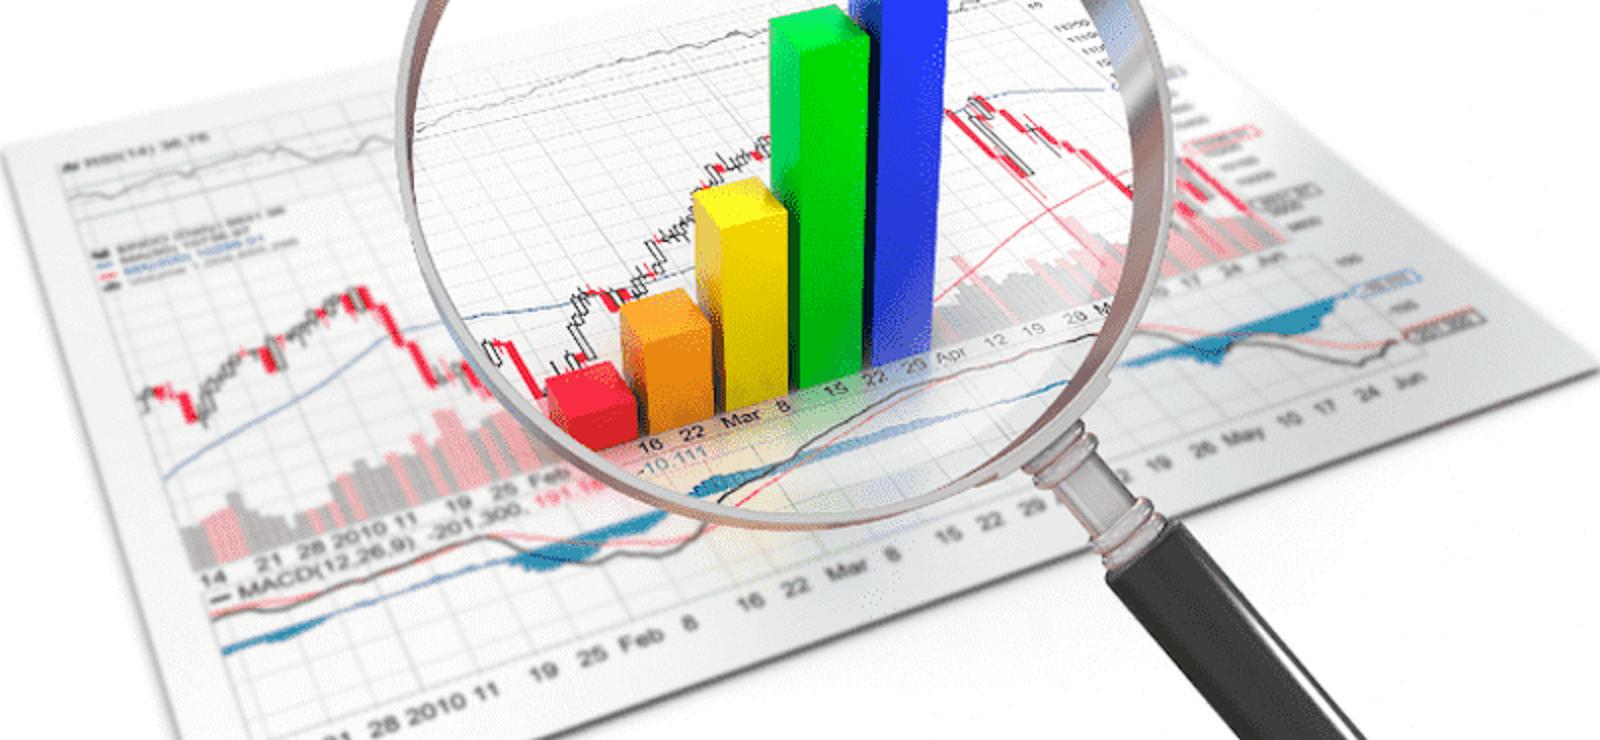 Рыночный анализ: способы и применение в трейдинге